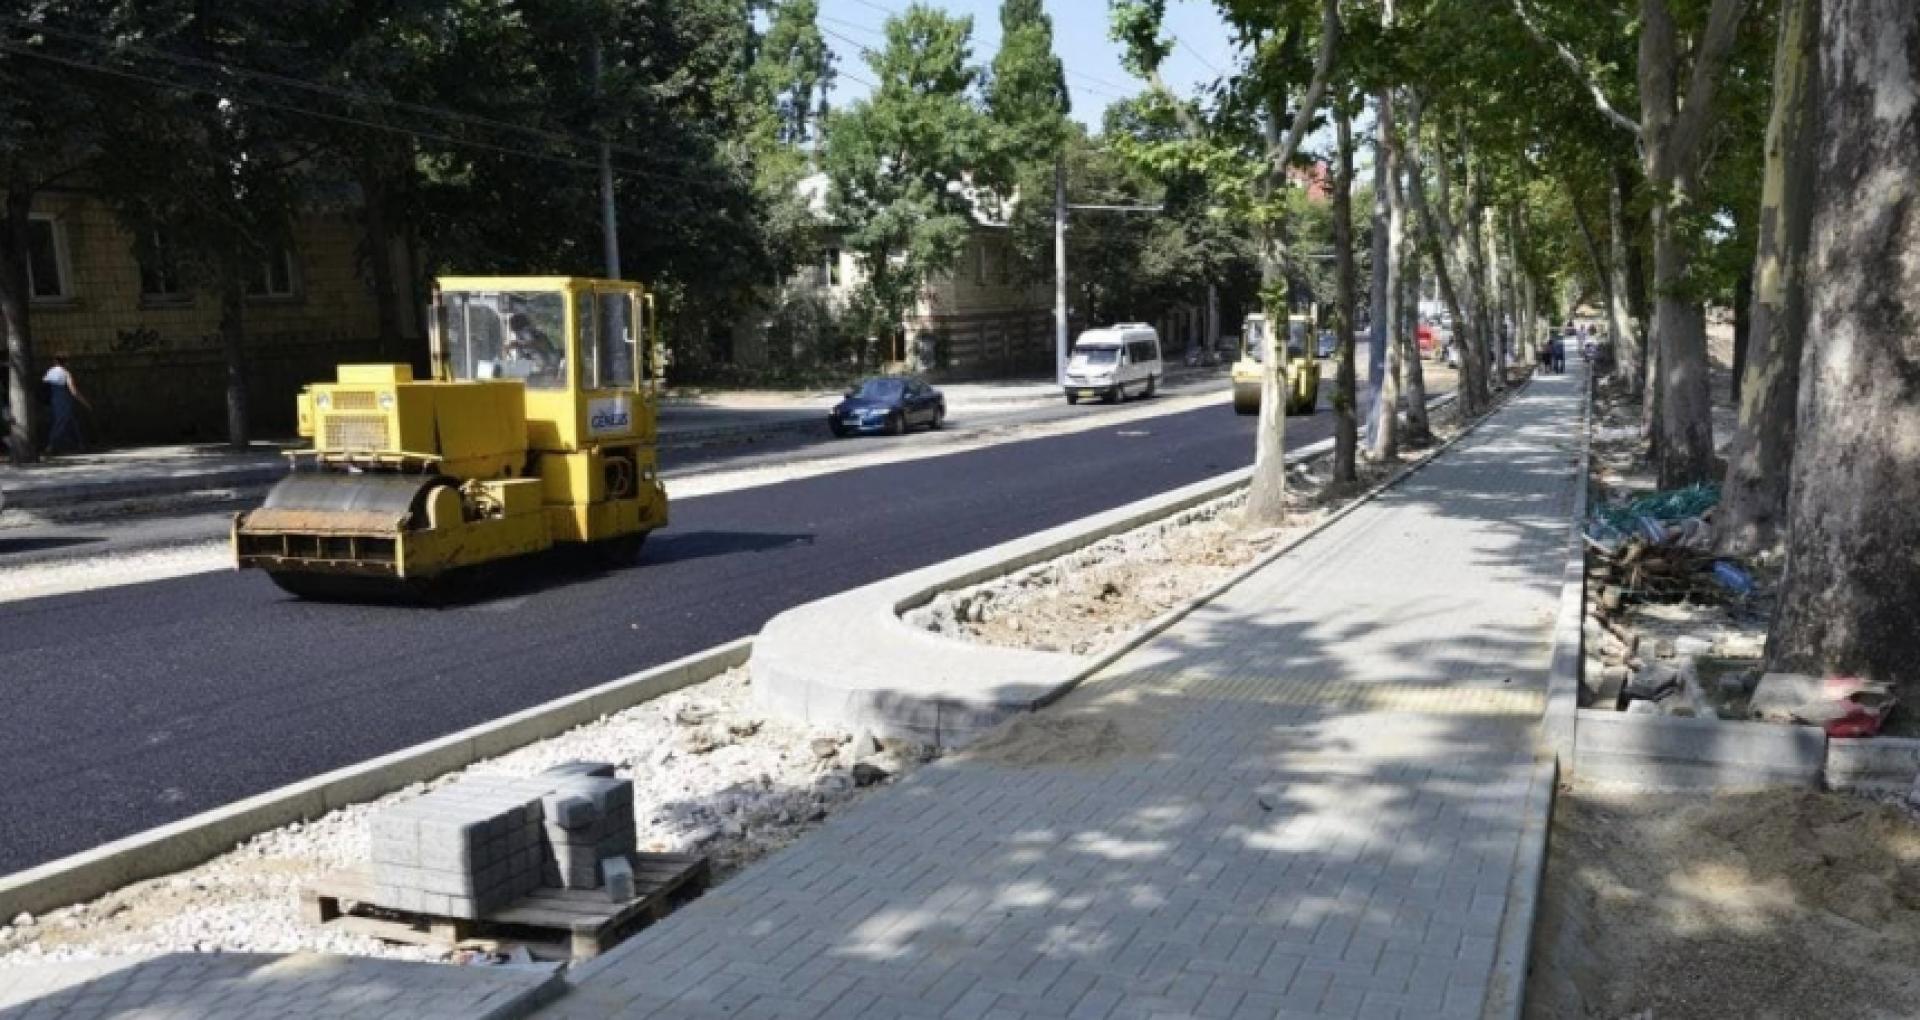 Traficul rutier pe strada Ion Creangă, tronsonul cuprins între strada Eugen Coca și bulevardul Ștefan cel Mare, suspendat total în weekend